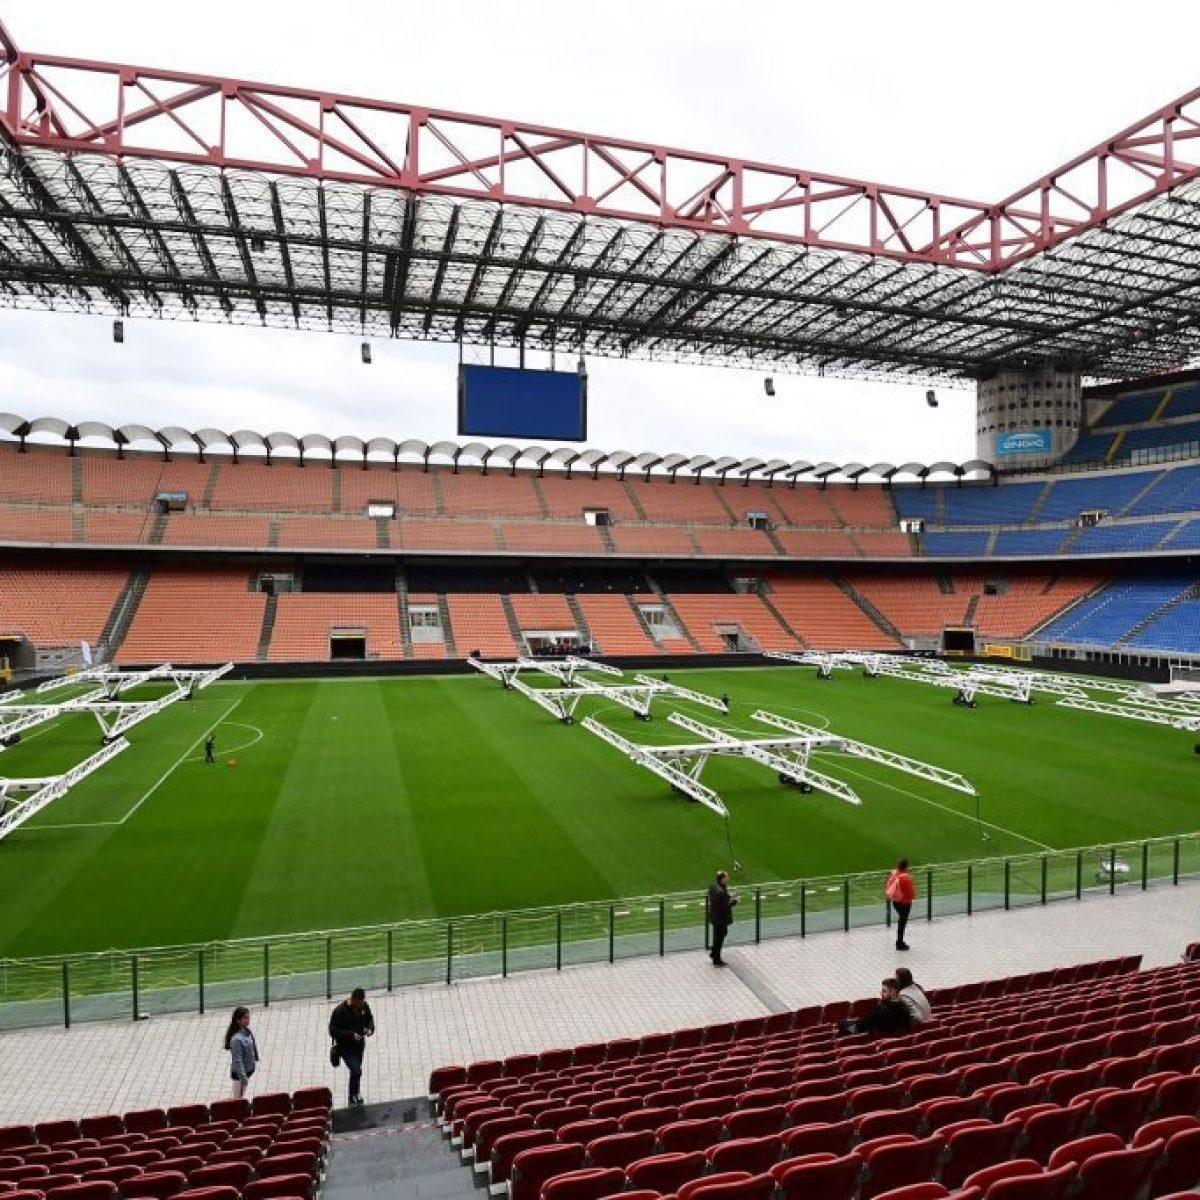 b95132a045f3 Milan e Inter d'accordo sul nuovo stadio San Siro, Scaroni: Il vecchio  Meazza sarà abbattuto